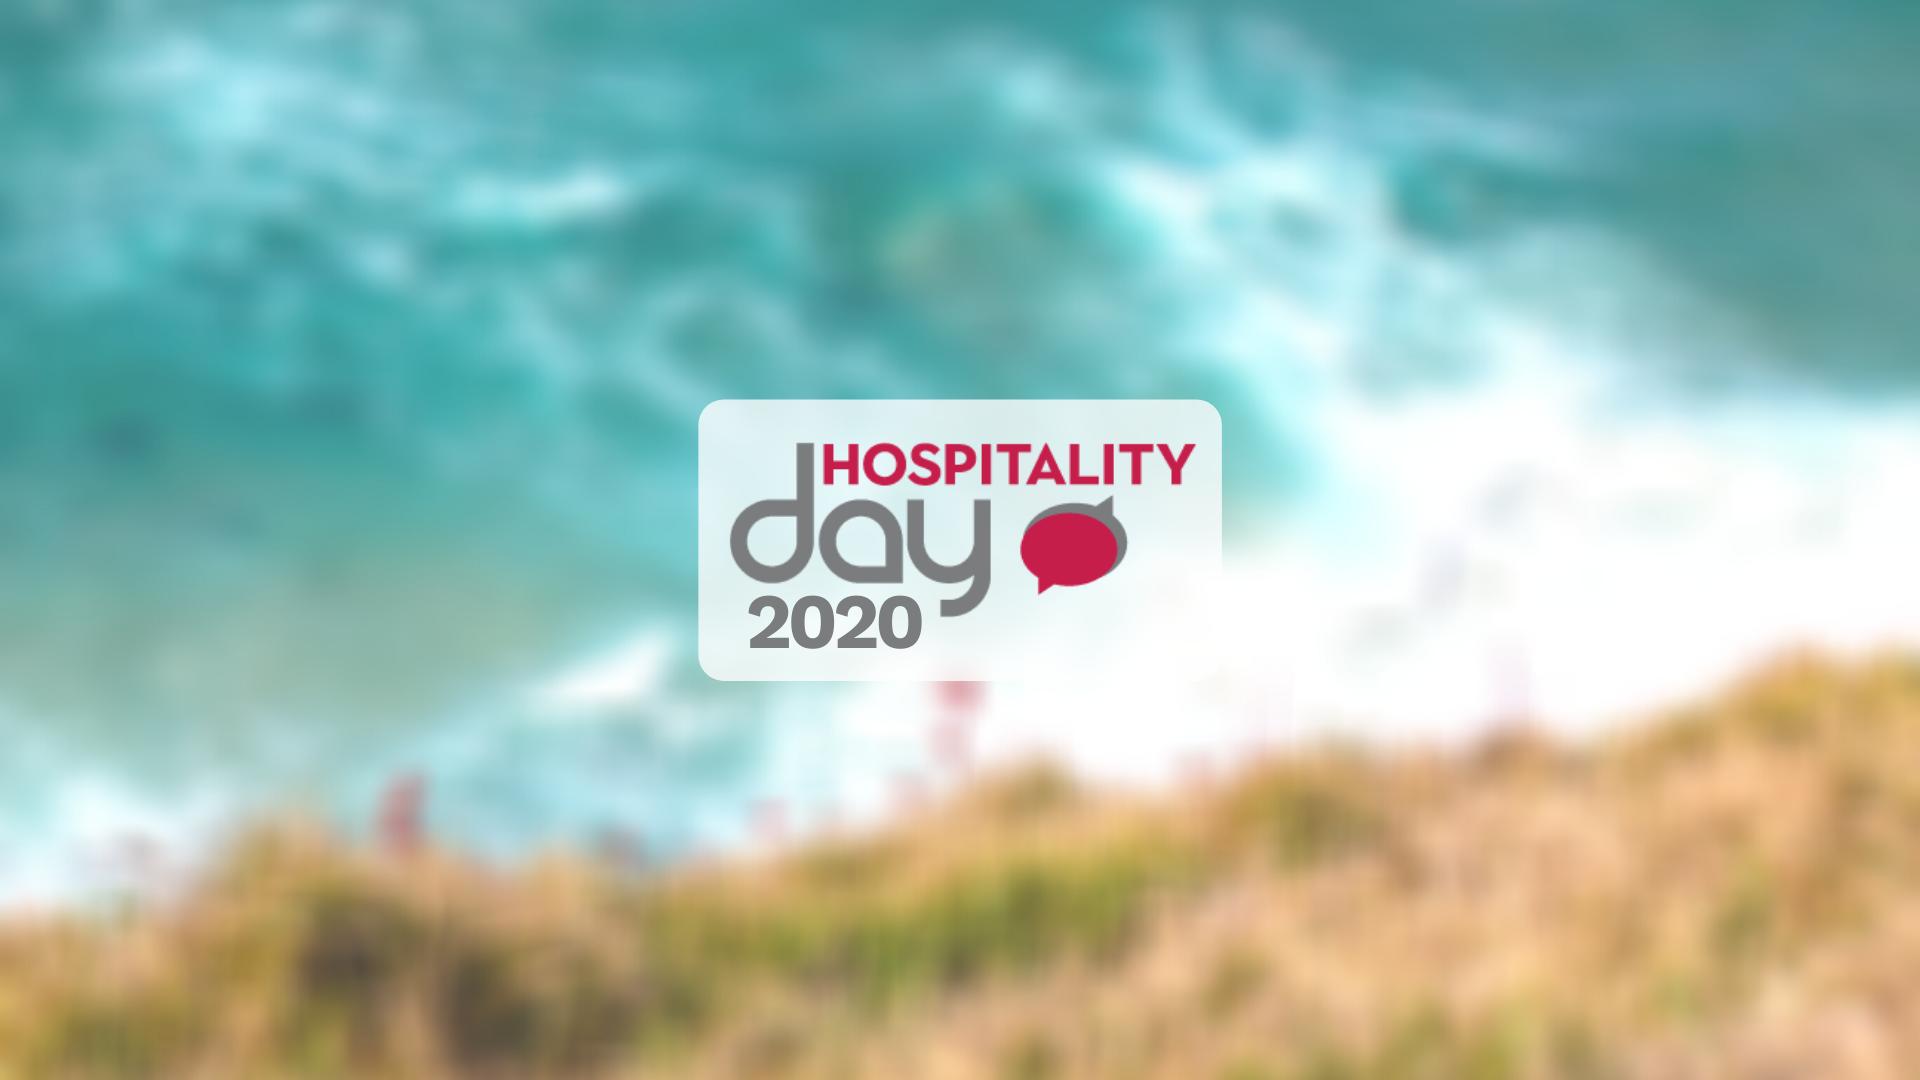 copertina articolo ciaomanager a hospitality day 2020 Rimini